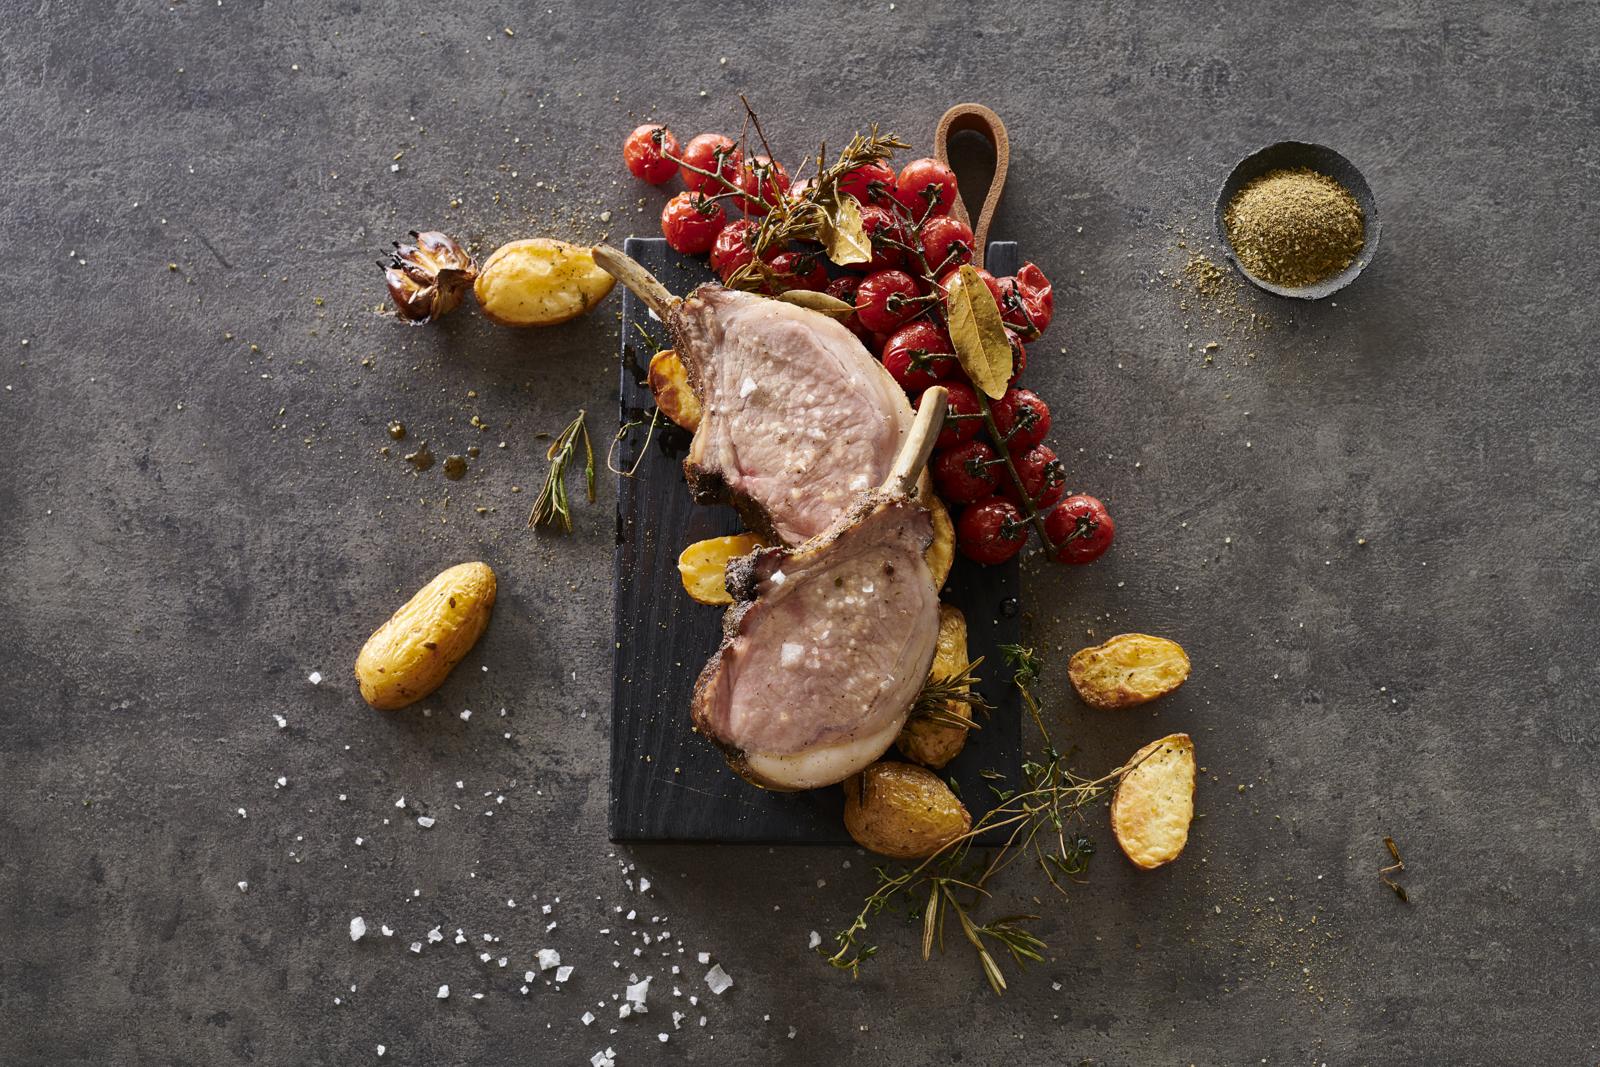 Stern-Altes-Gewuerzamt-Mangaliza-Kotelett-zubereitet-ohneBesteck.jpg